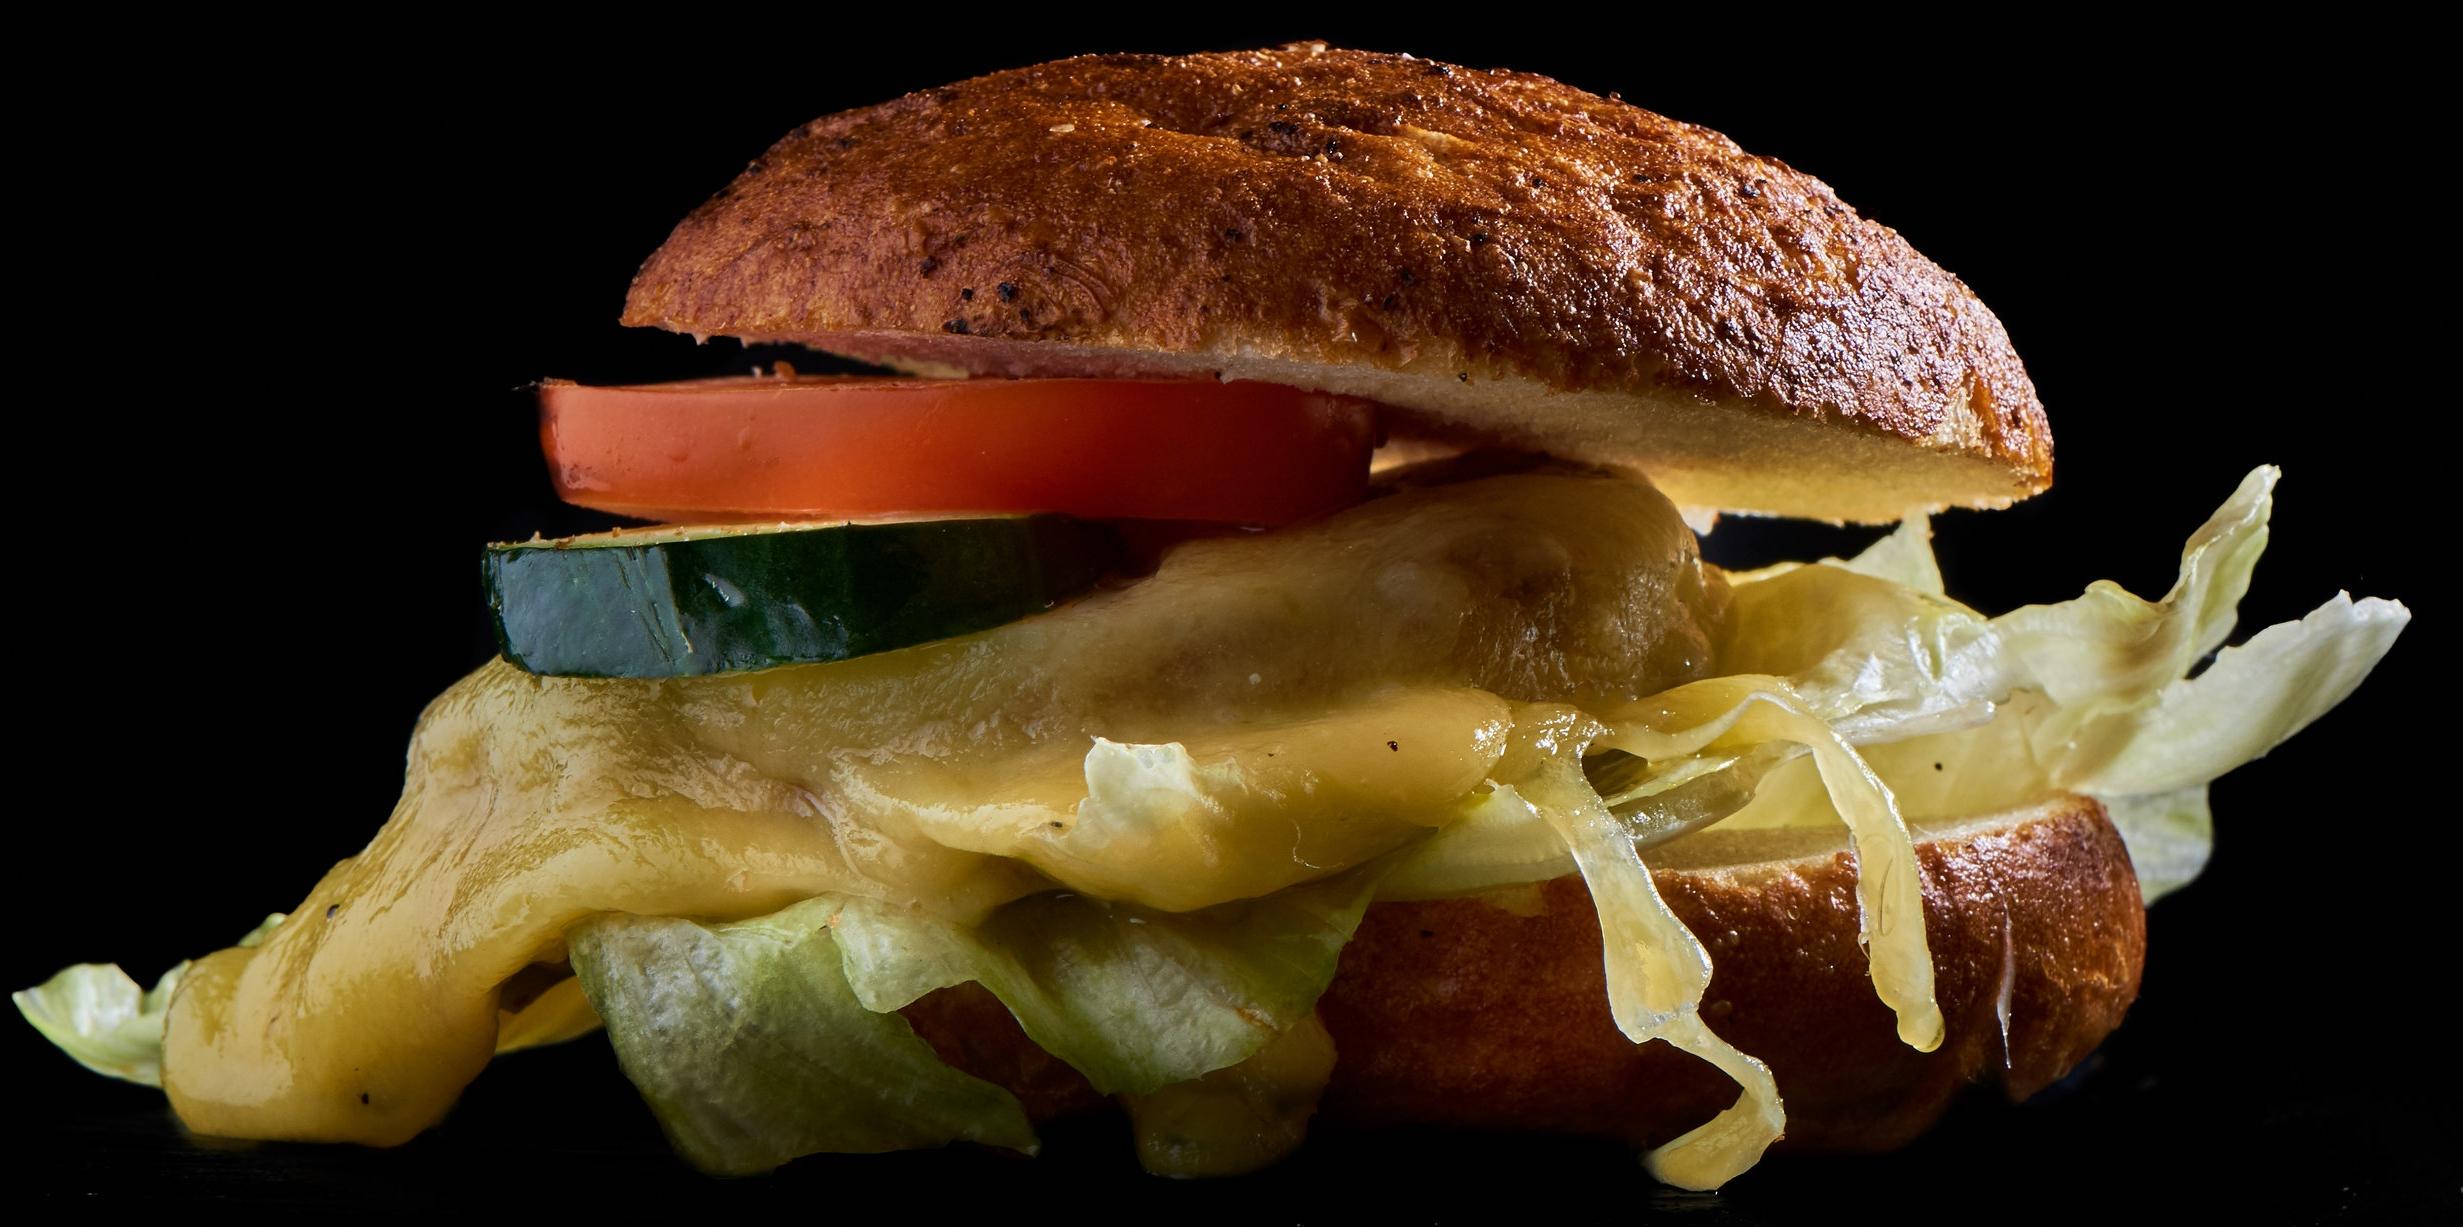 Cheez Burger - mit Käse, Salat, Salatgurke, Tomate und Relish14.20